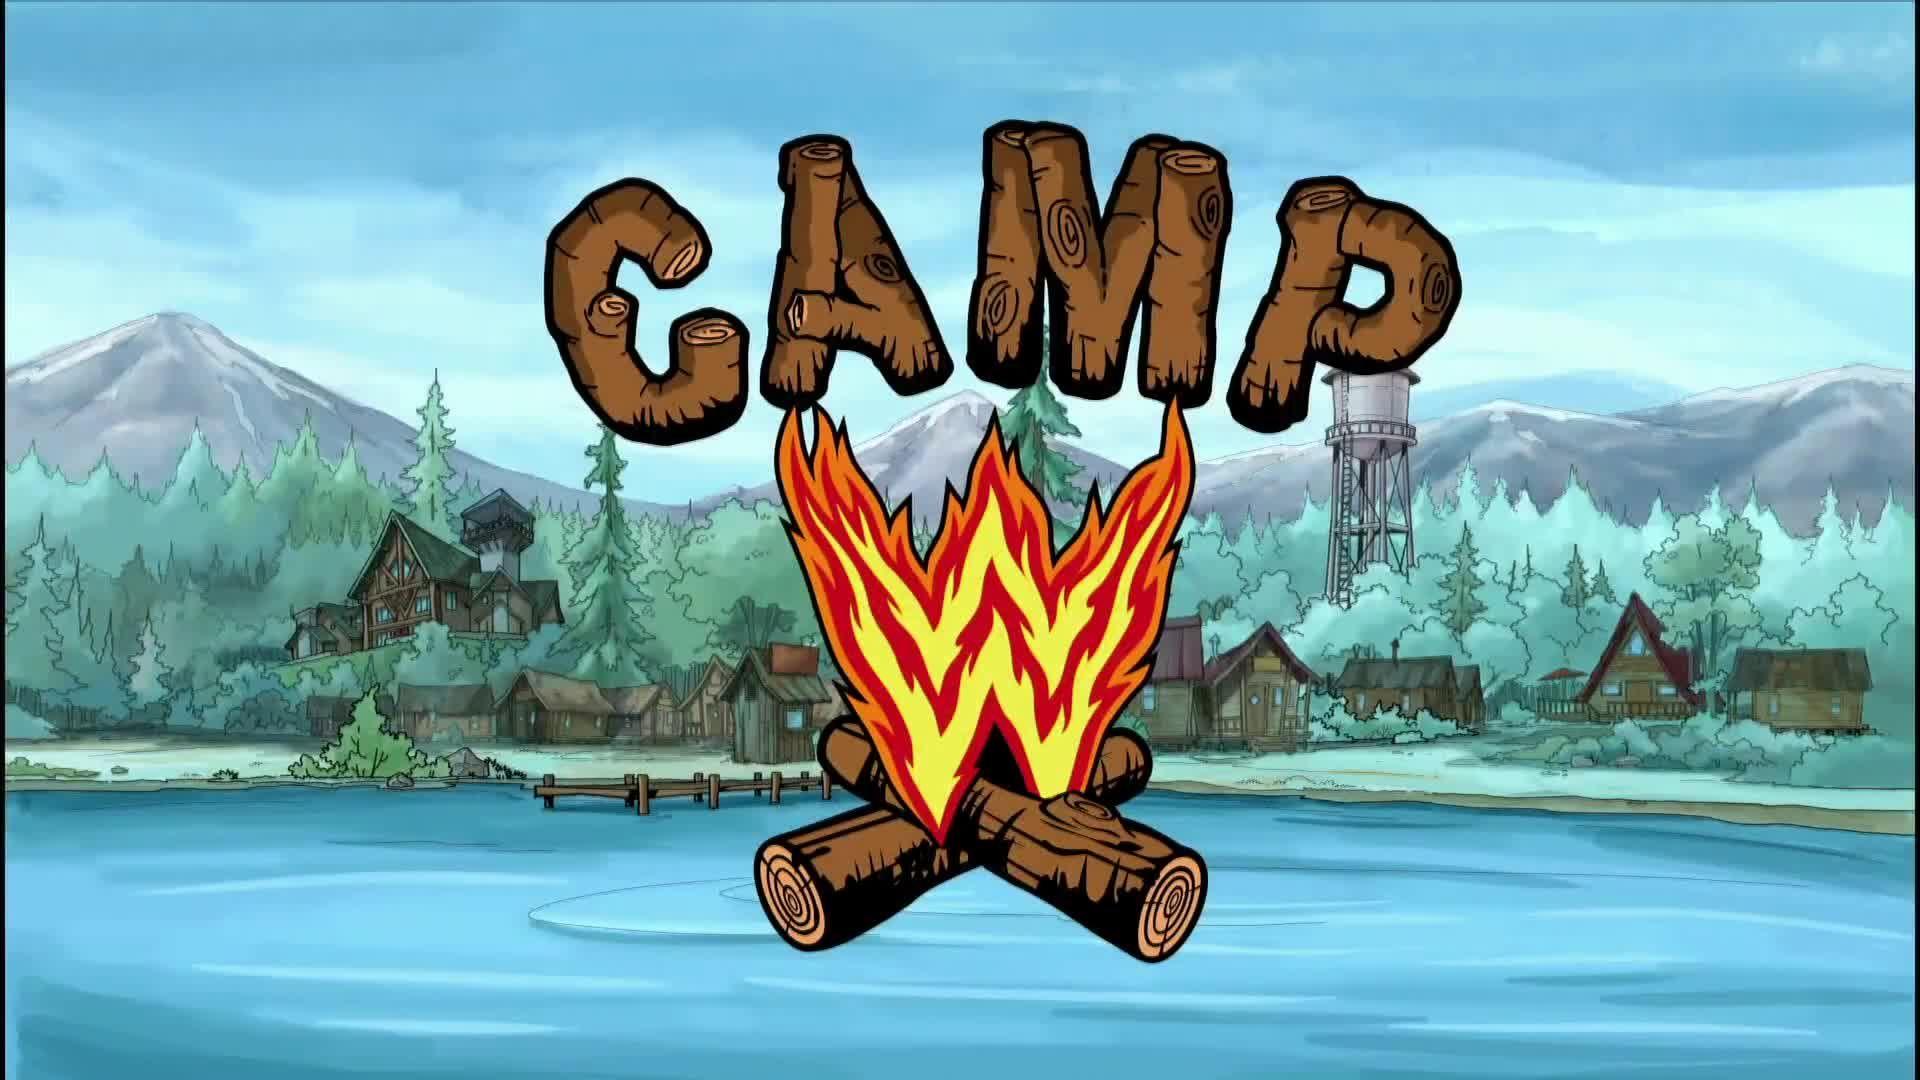 Pin On Camp Wwe